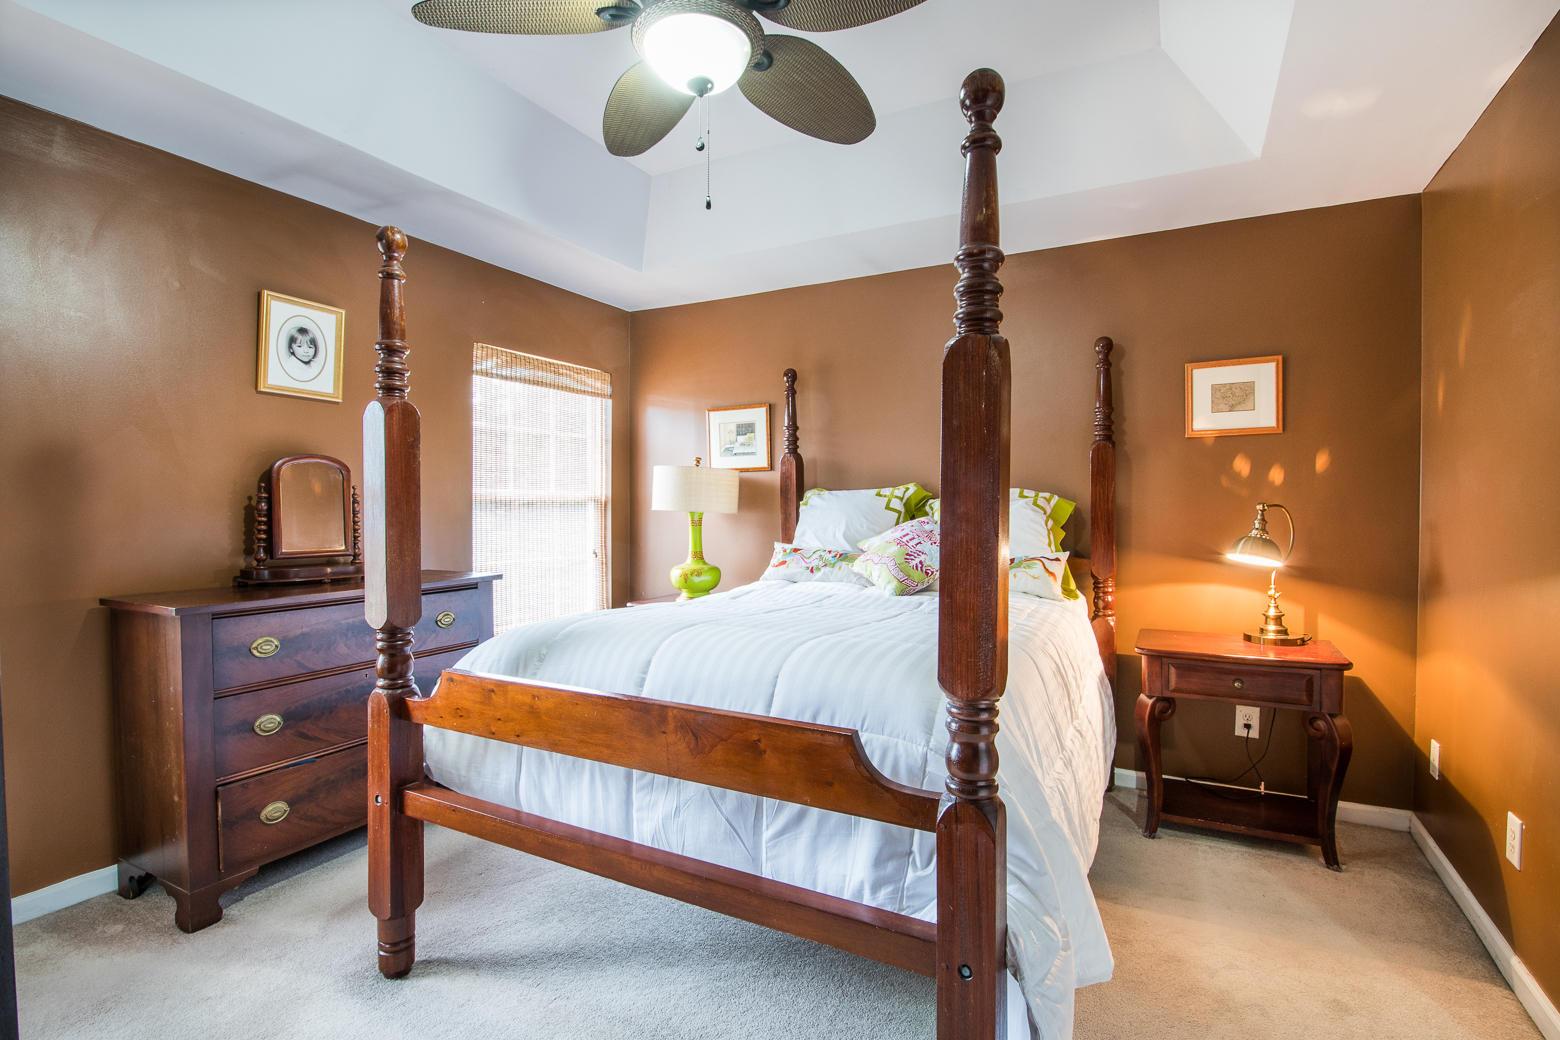 Jamestowne Village Homes For Sale - 1445 Swamp Fox, Charleston, SC - 19